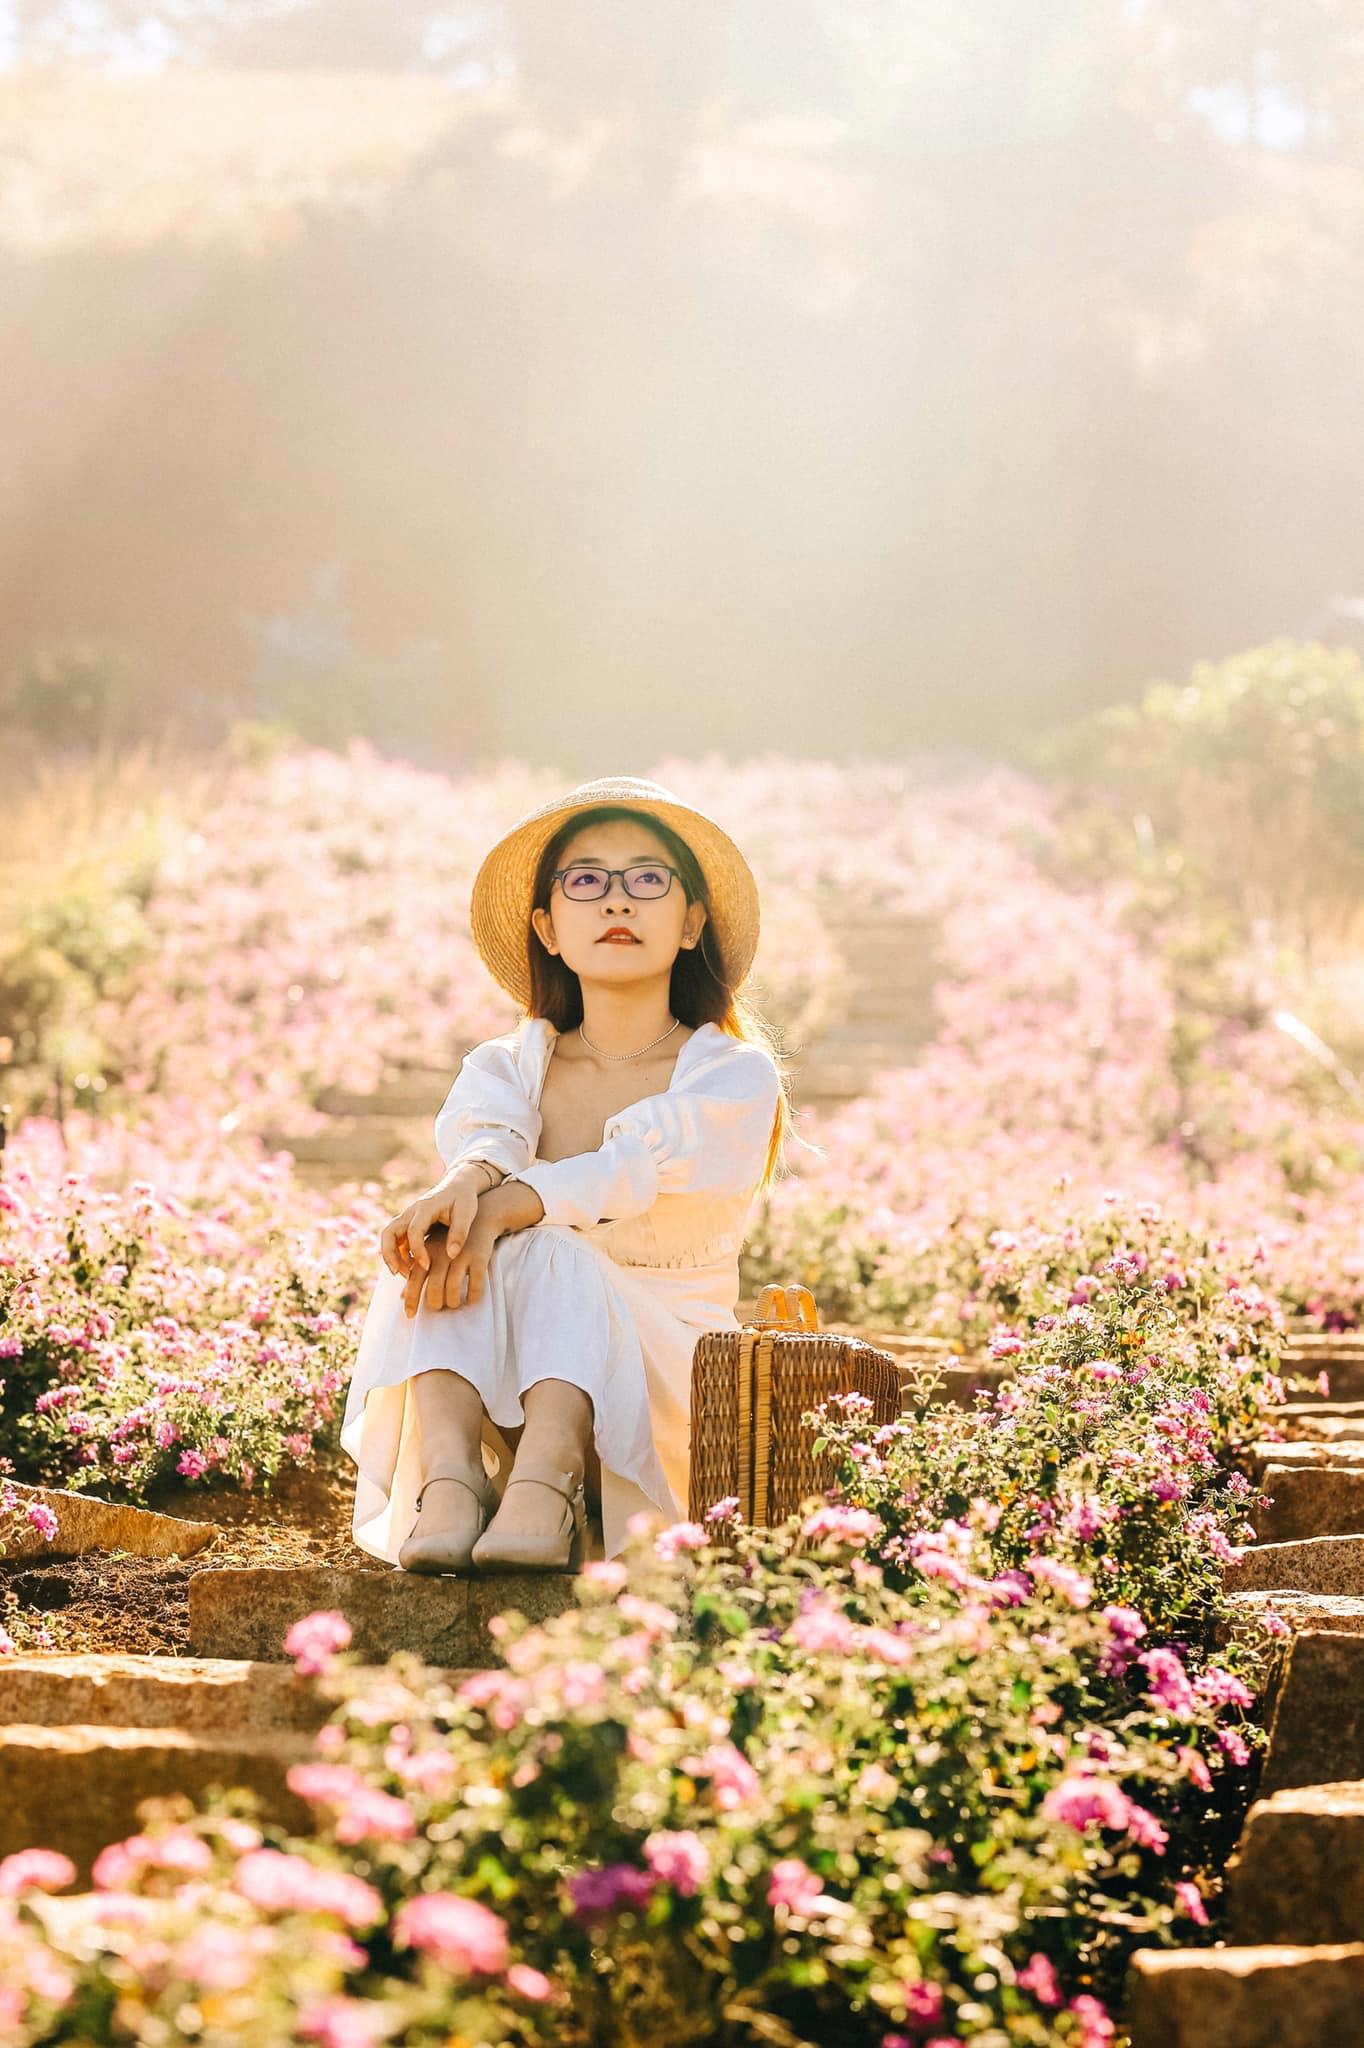 Check-in Vườn hoa lavender Túi Thương Nhớ, điểm đến 'mới toanh' tại Đà Lạt  - Ảnh 6.